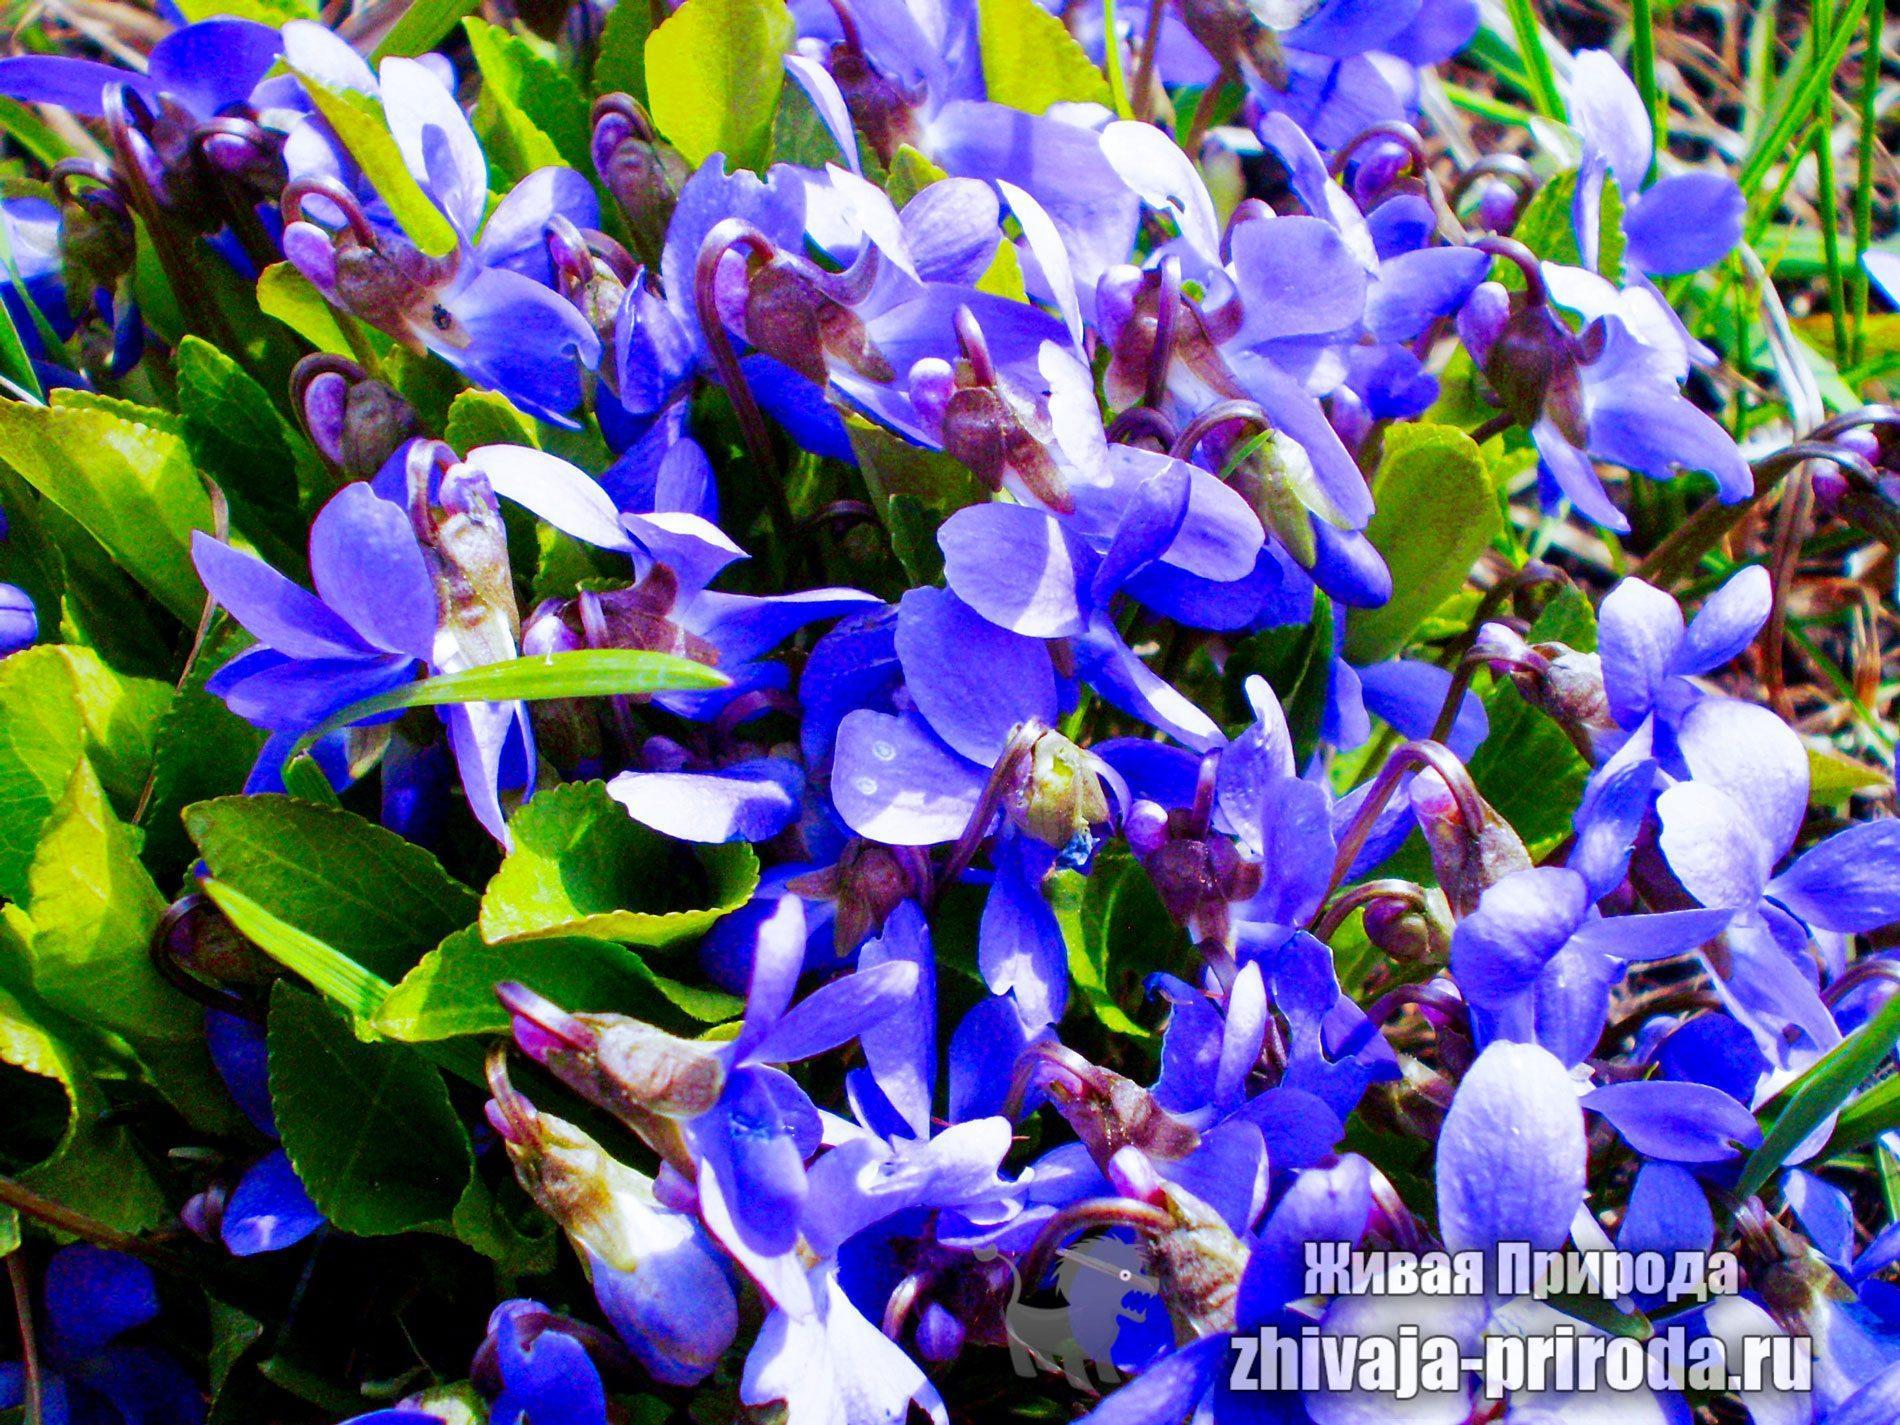 фото-первых-весенних-цветов